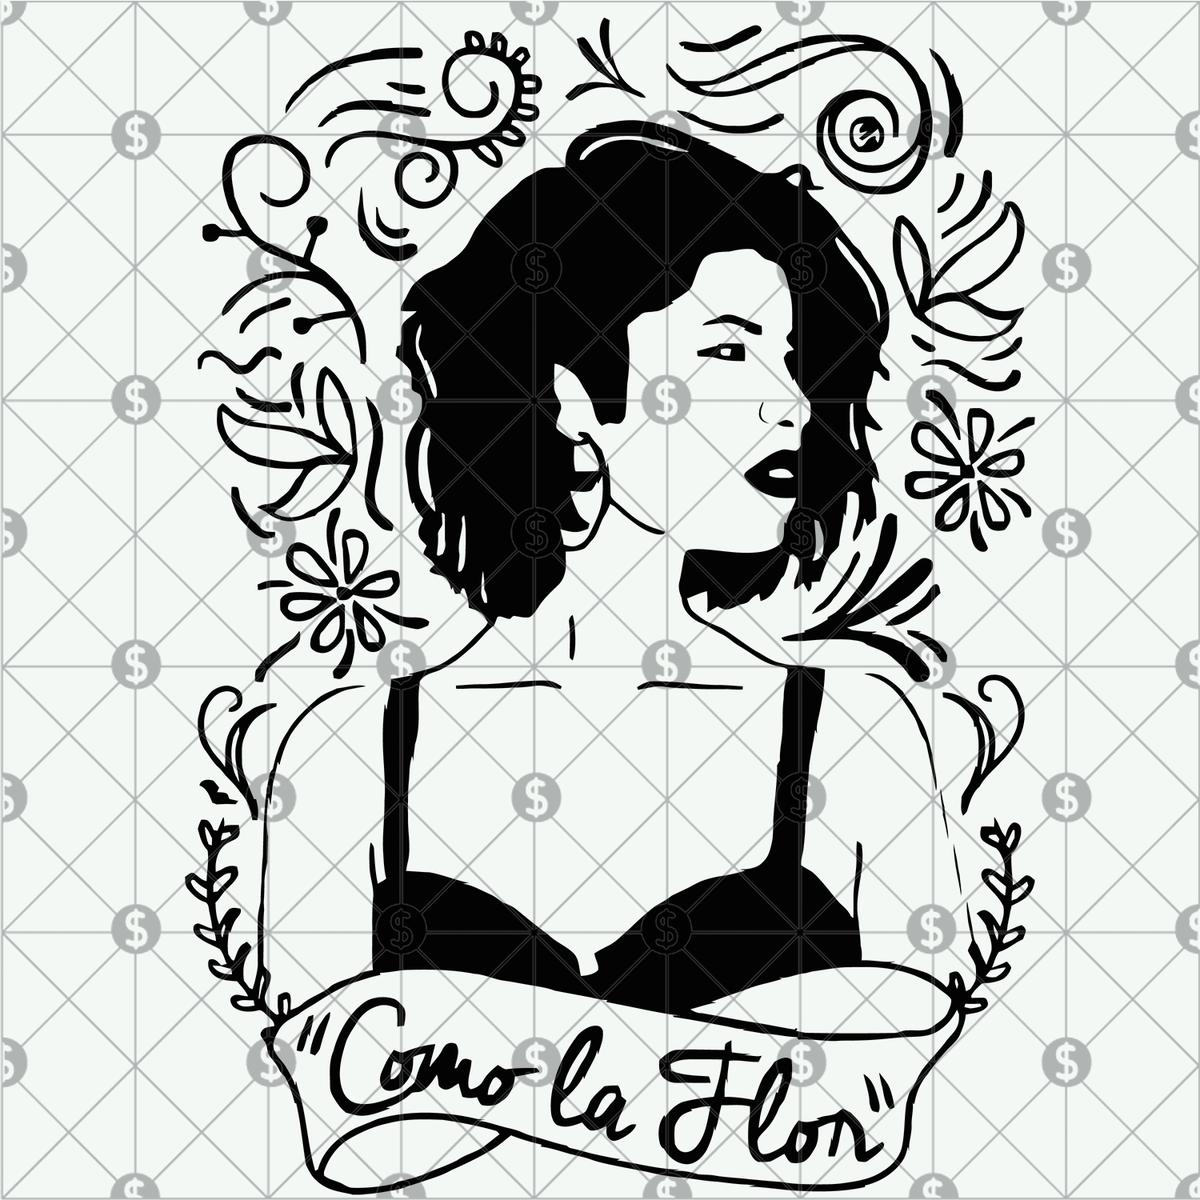 Selena Quintanilla Art Svg Selena Quintanilla Selena Svg Selena T Shirt Como La Flor Svg Selena Gift Selena Selena Quintanilla Selena Dibujitos Sencillos